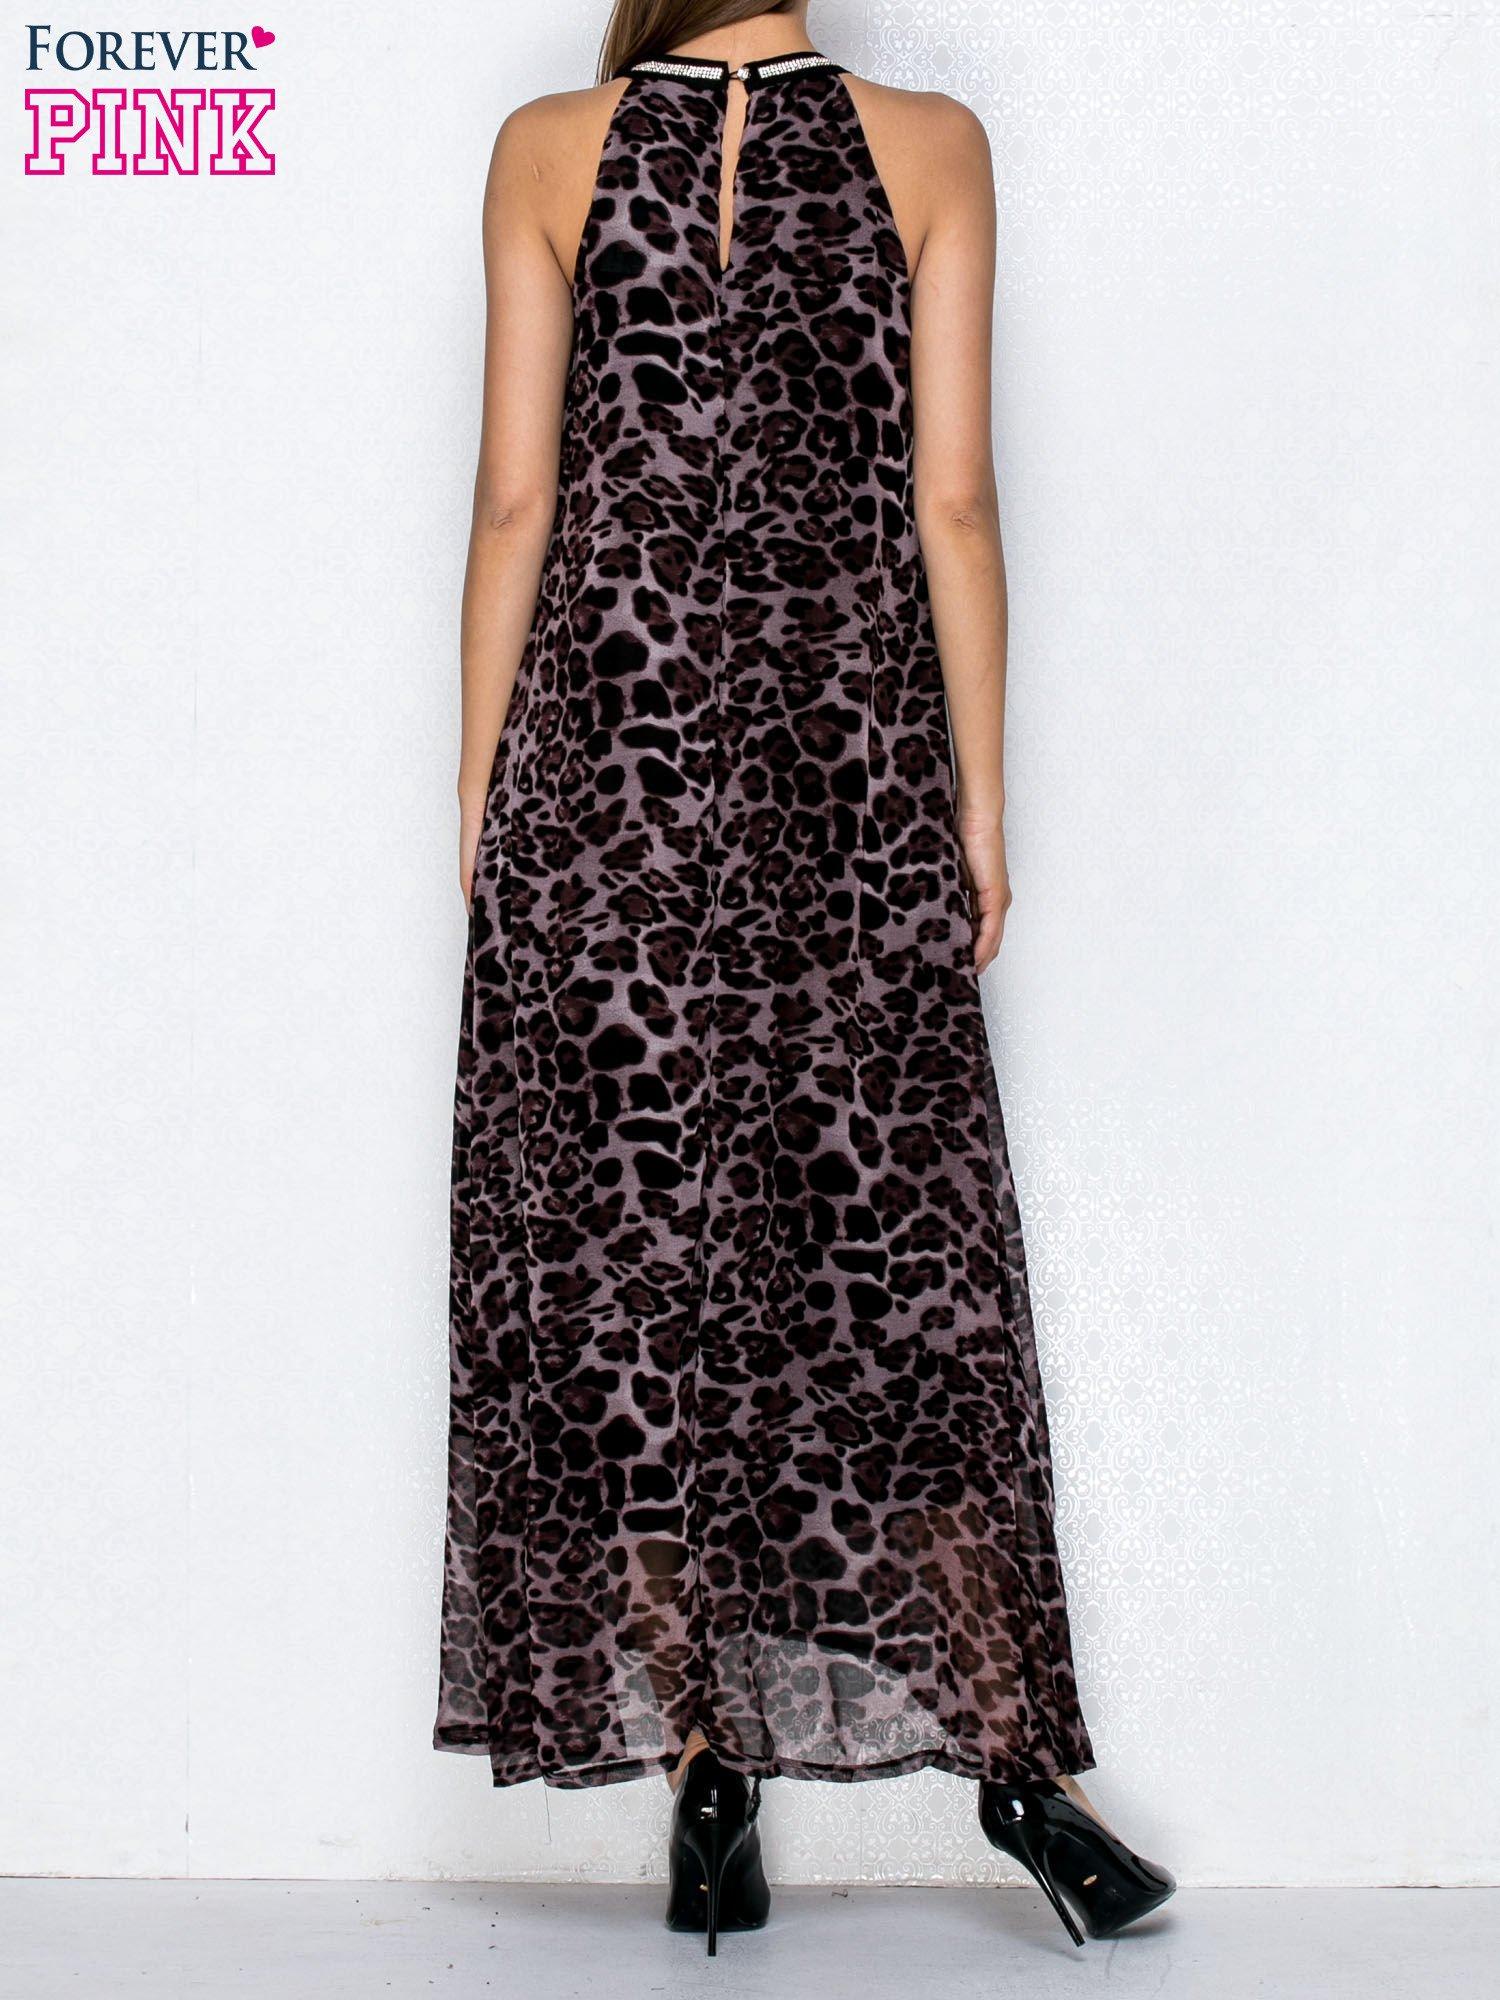 Fioletowa sukienka maxi w panterę z biżuteryjnym dekoltem                                  zdj.                                  2